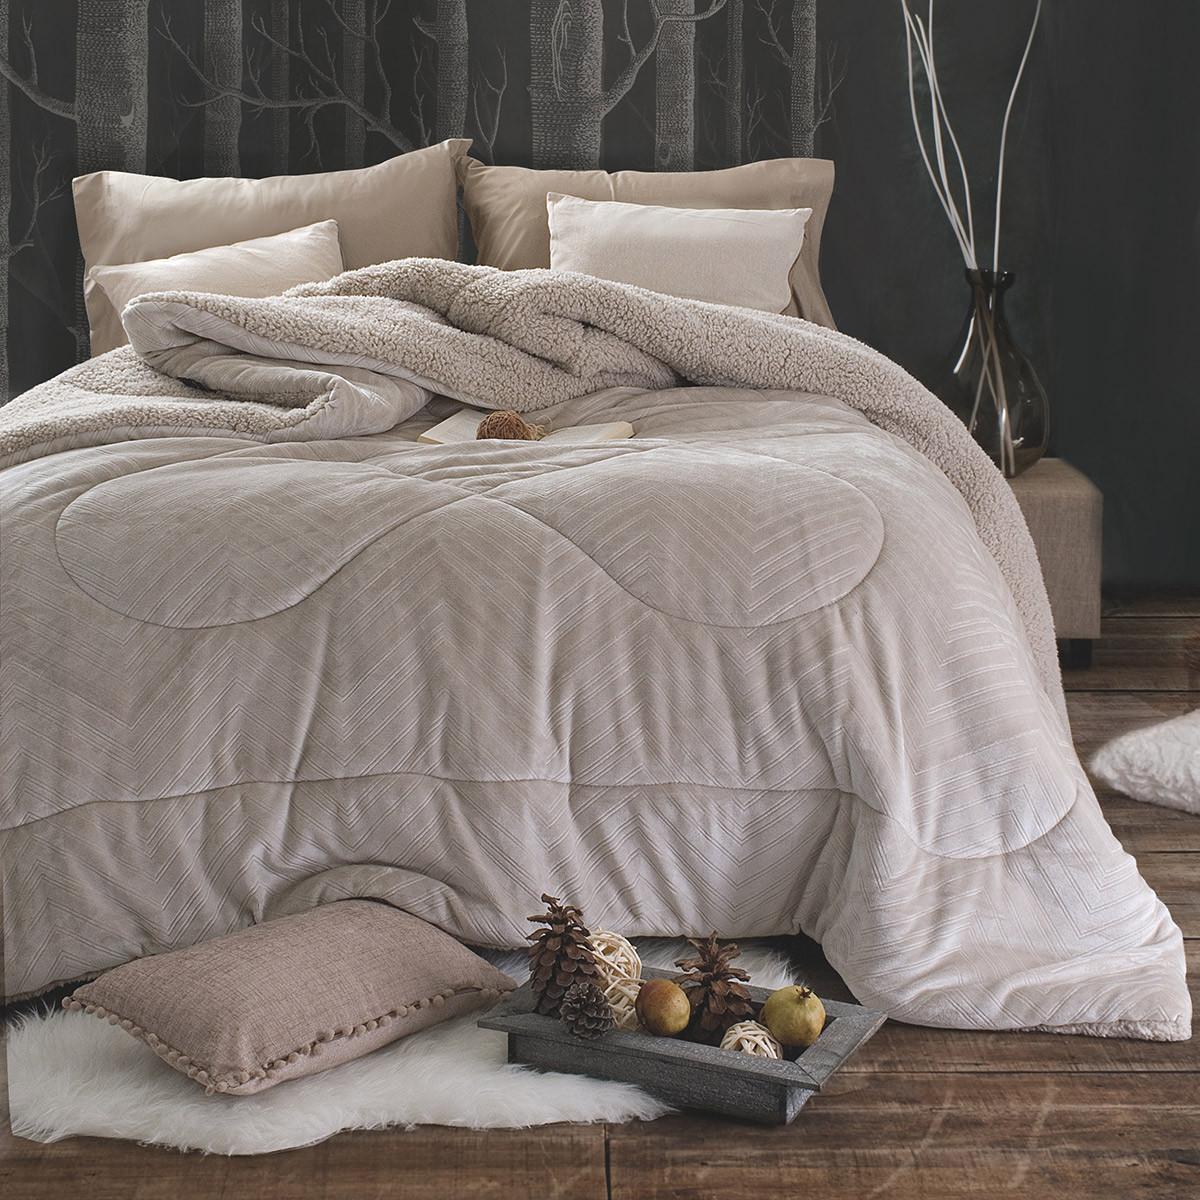 Κουβερτοπάπλωμα Μονό Rythmos Amity 01 Grey home   κρεβατοκάμαρα   παπλώματα   κουβερτοπαπλώματα